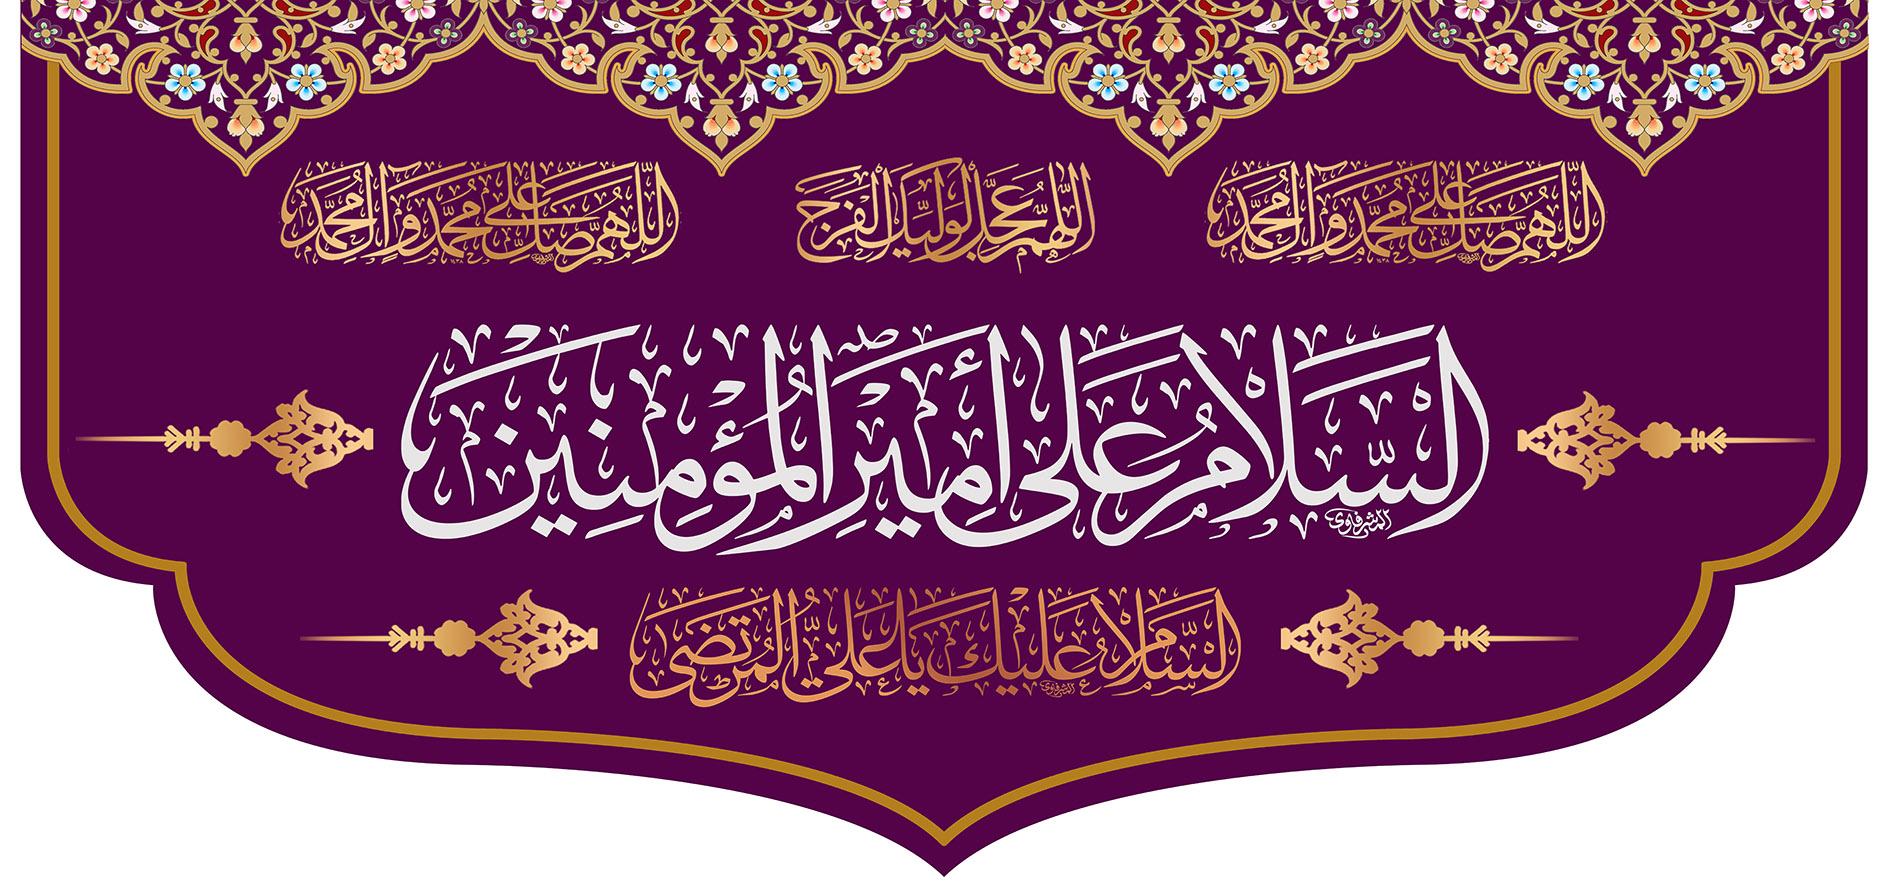 تصویر از پرچم امام علی ( ع ) مدل01547